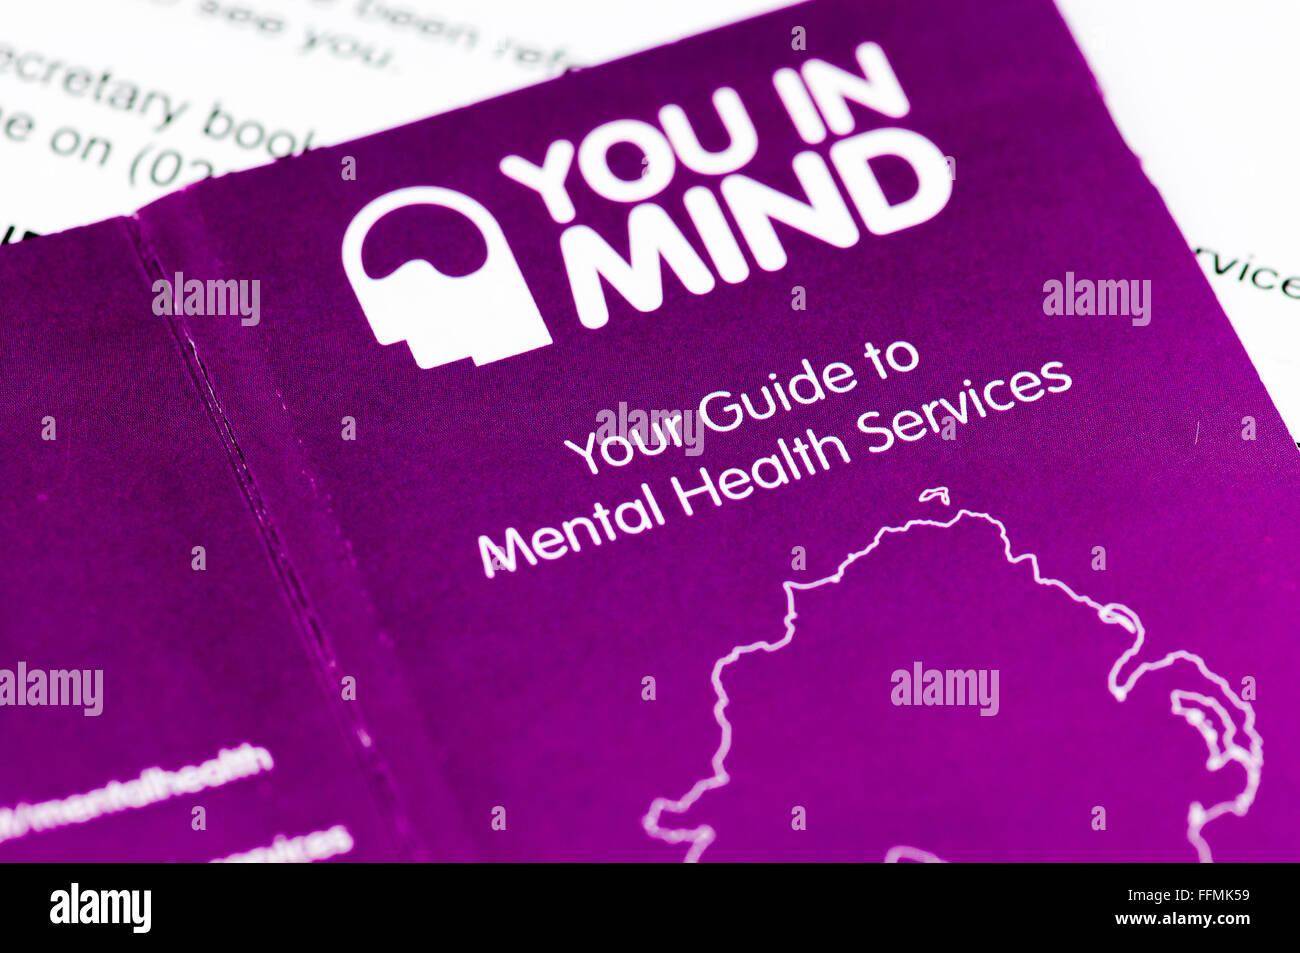 Selbsthilfe-Broschüre herausgegeben vom Northern Ireland NHS für psychiatrische Dienste. Stockbild